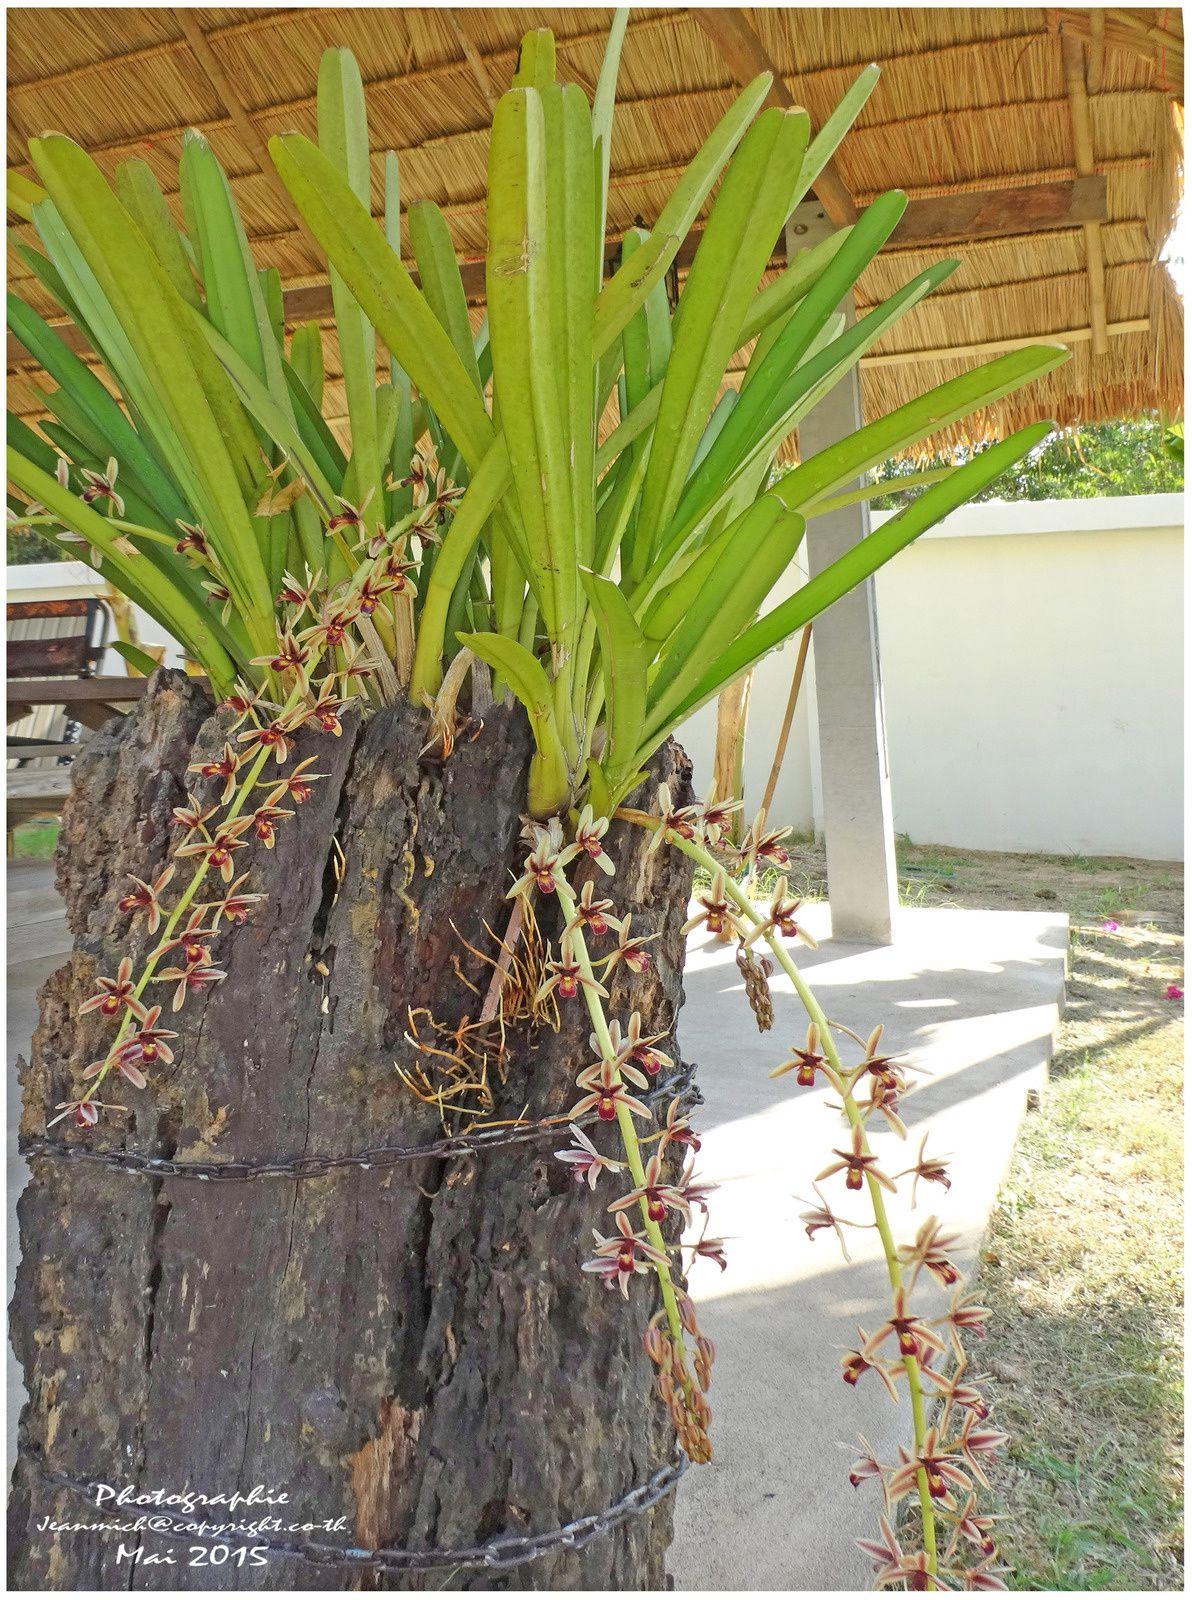 Notre jardin sous les tropiques au mois de mai.